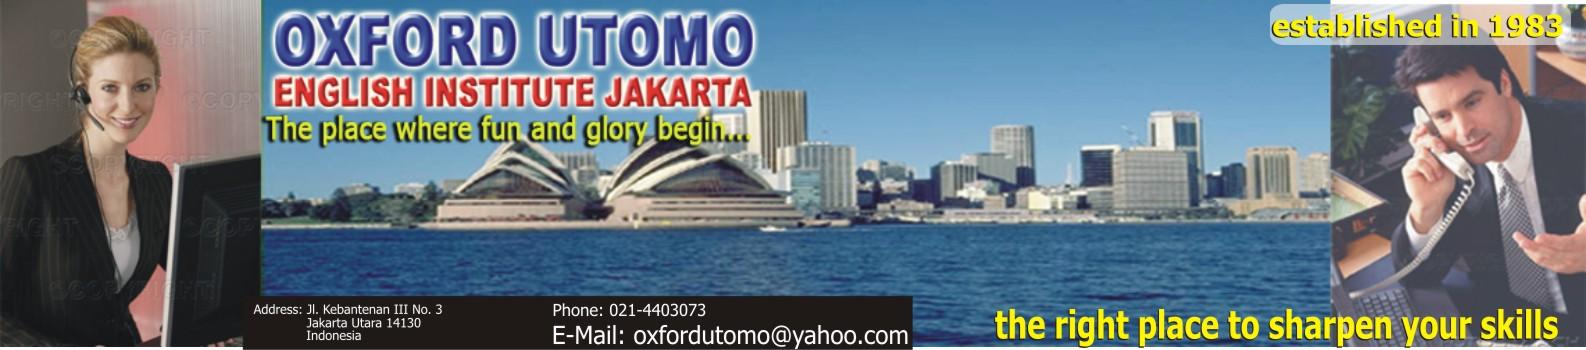 OXFORD UTOMO